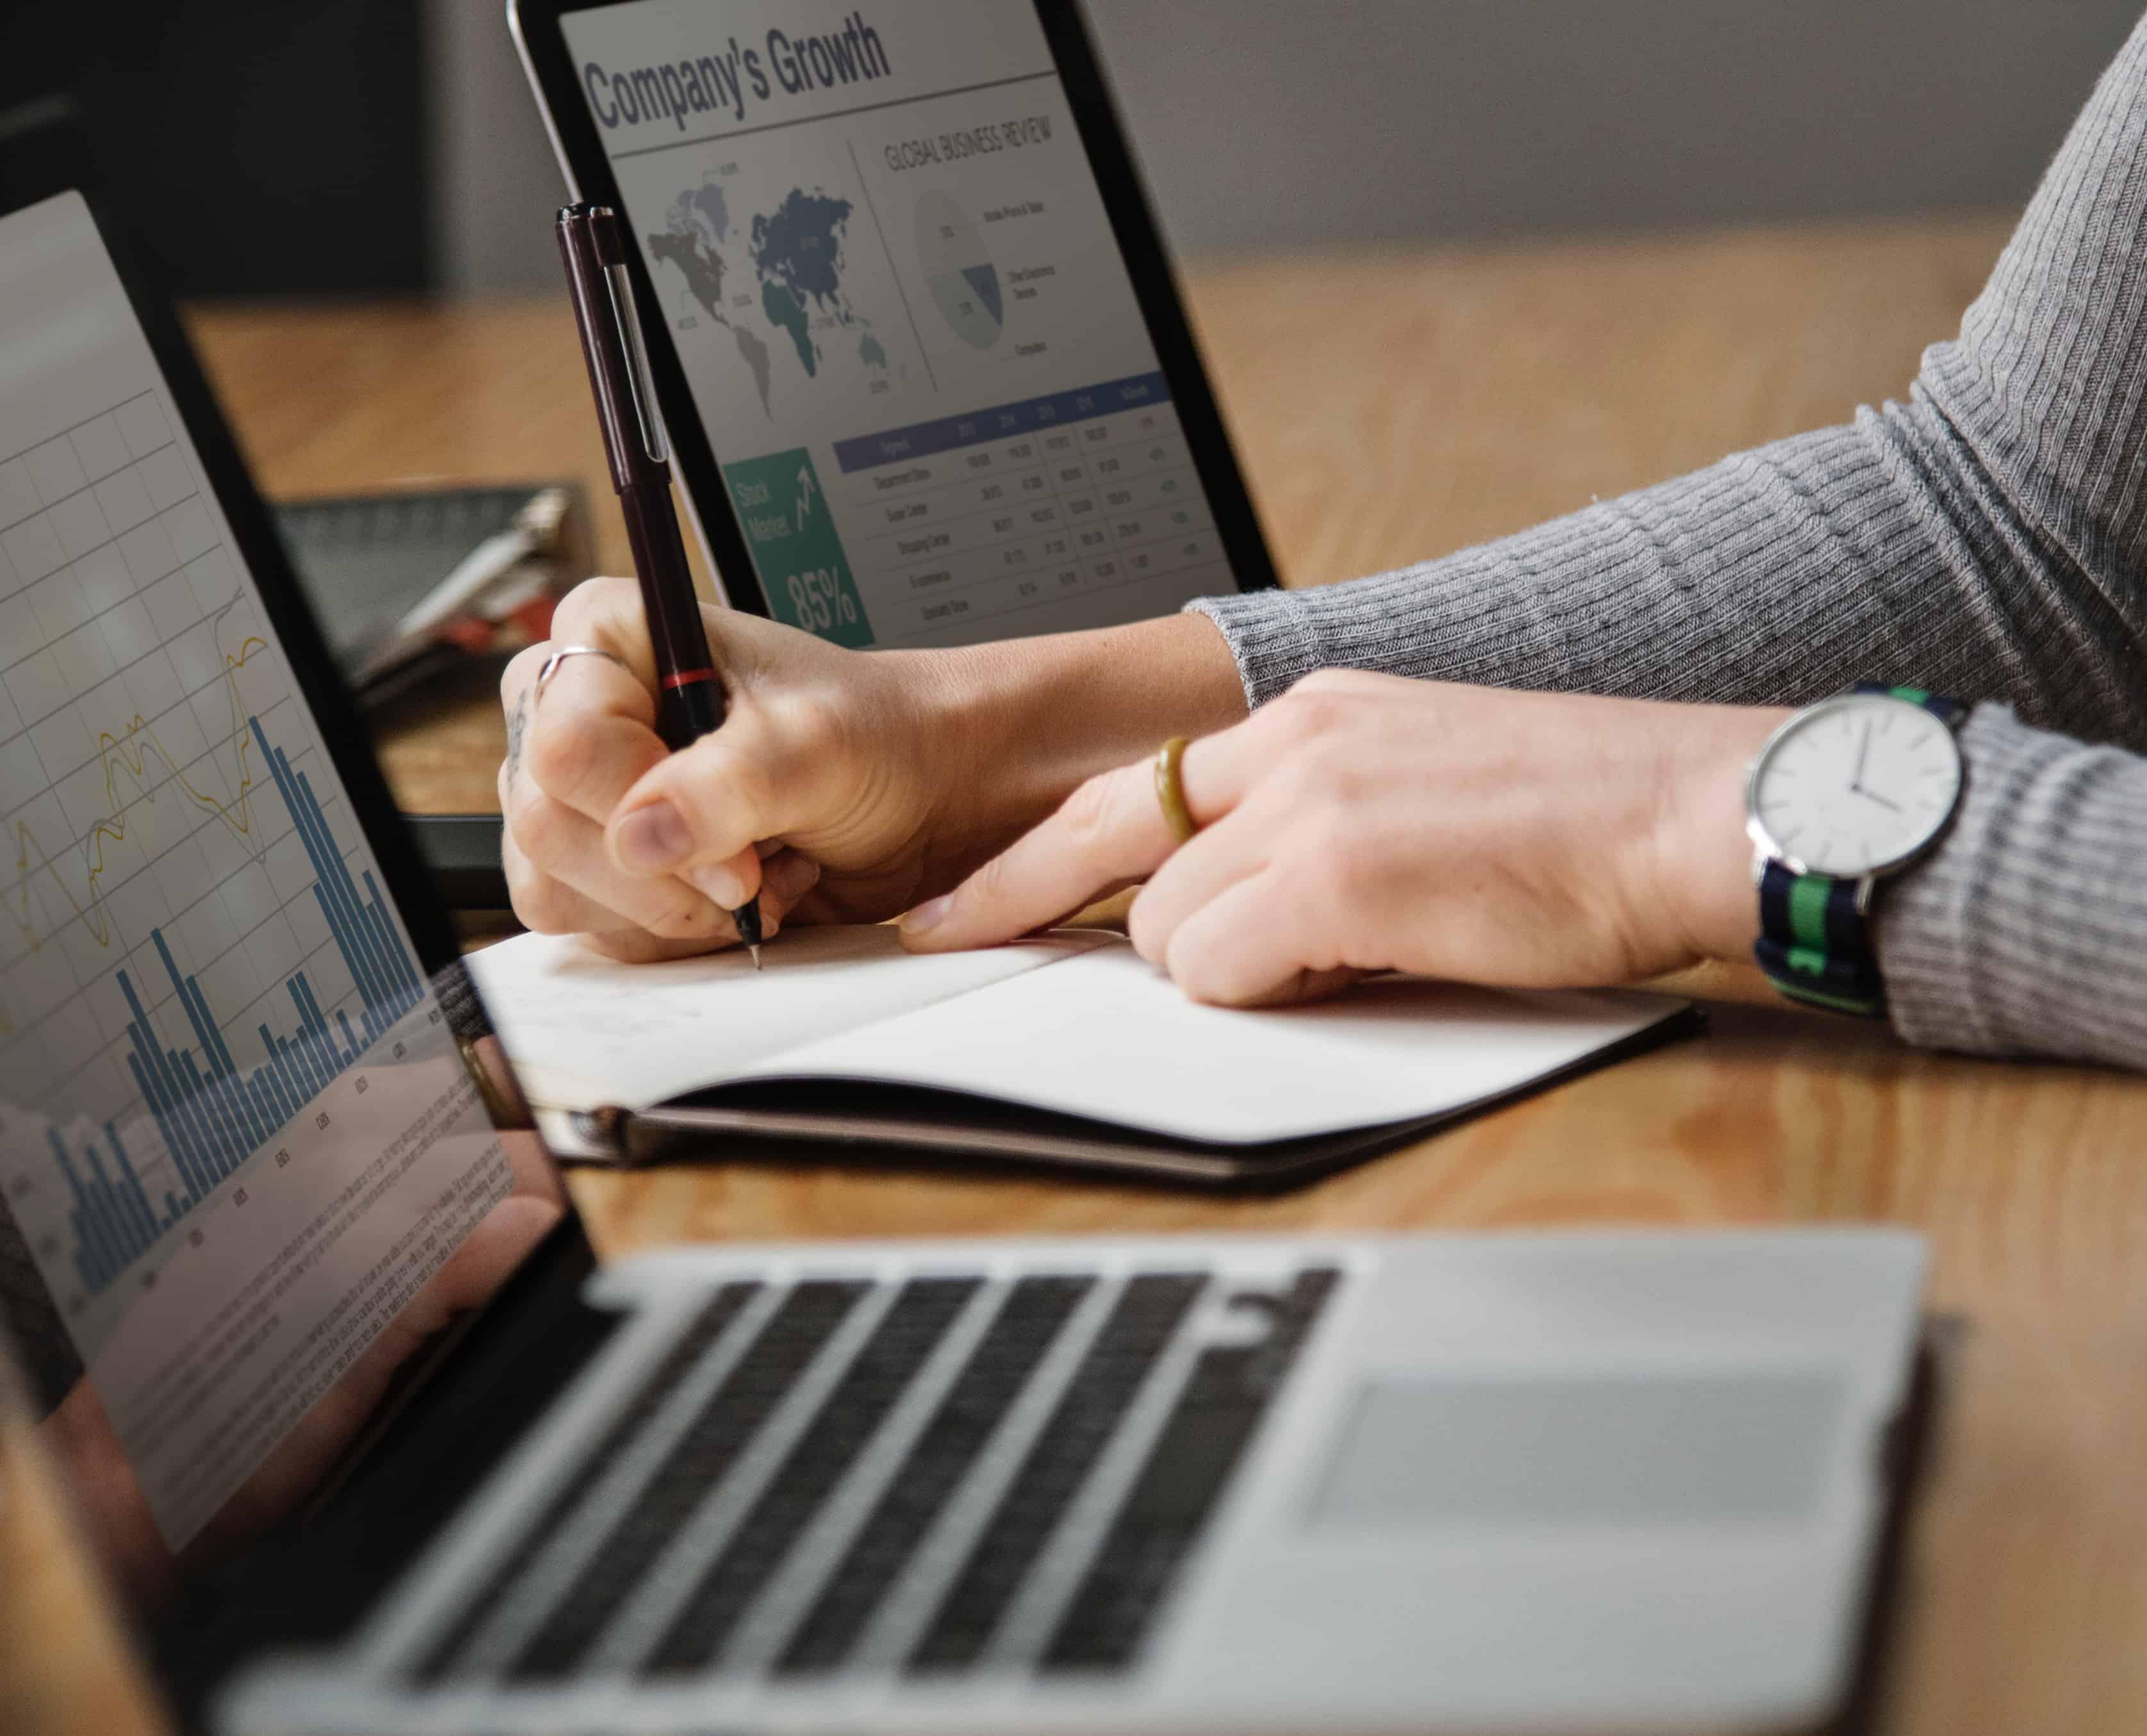 Nettovinst, vad är det? – Förklaring och definition av nettovinster